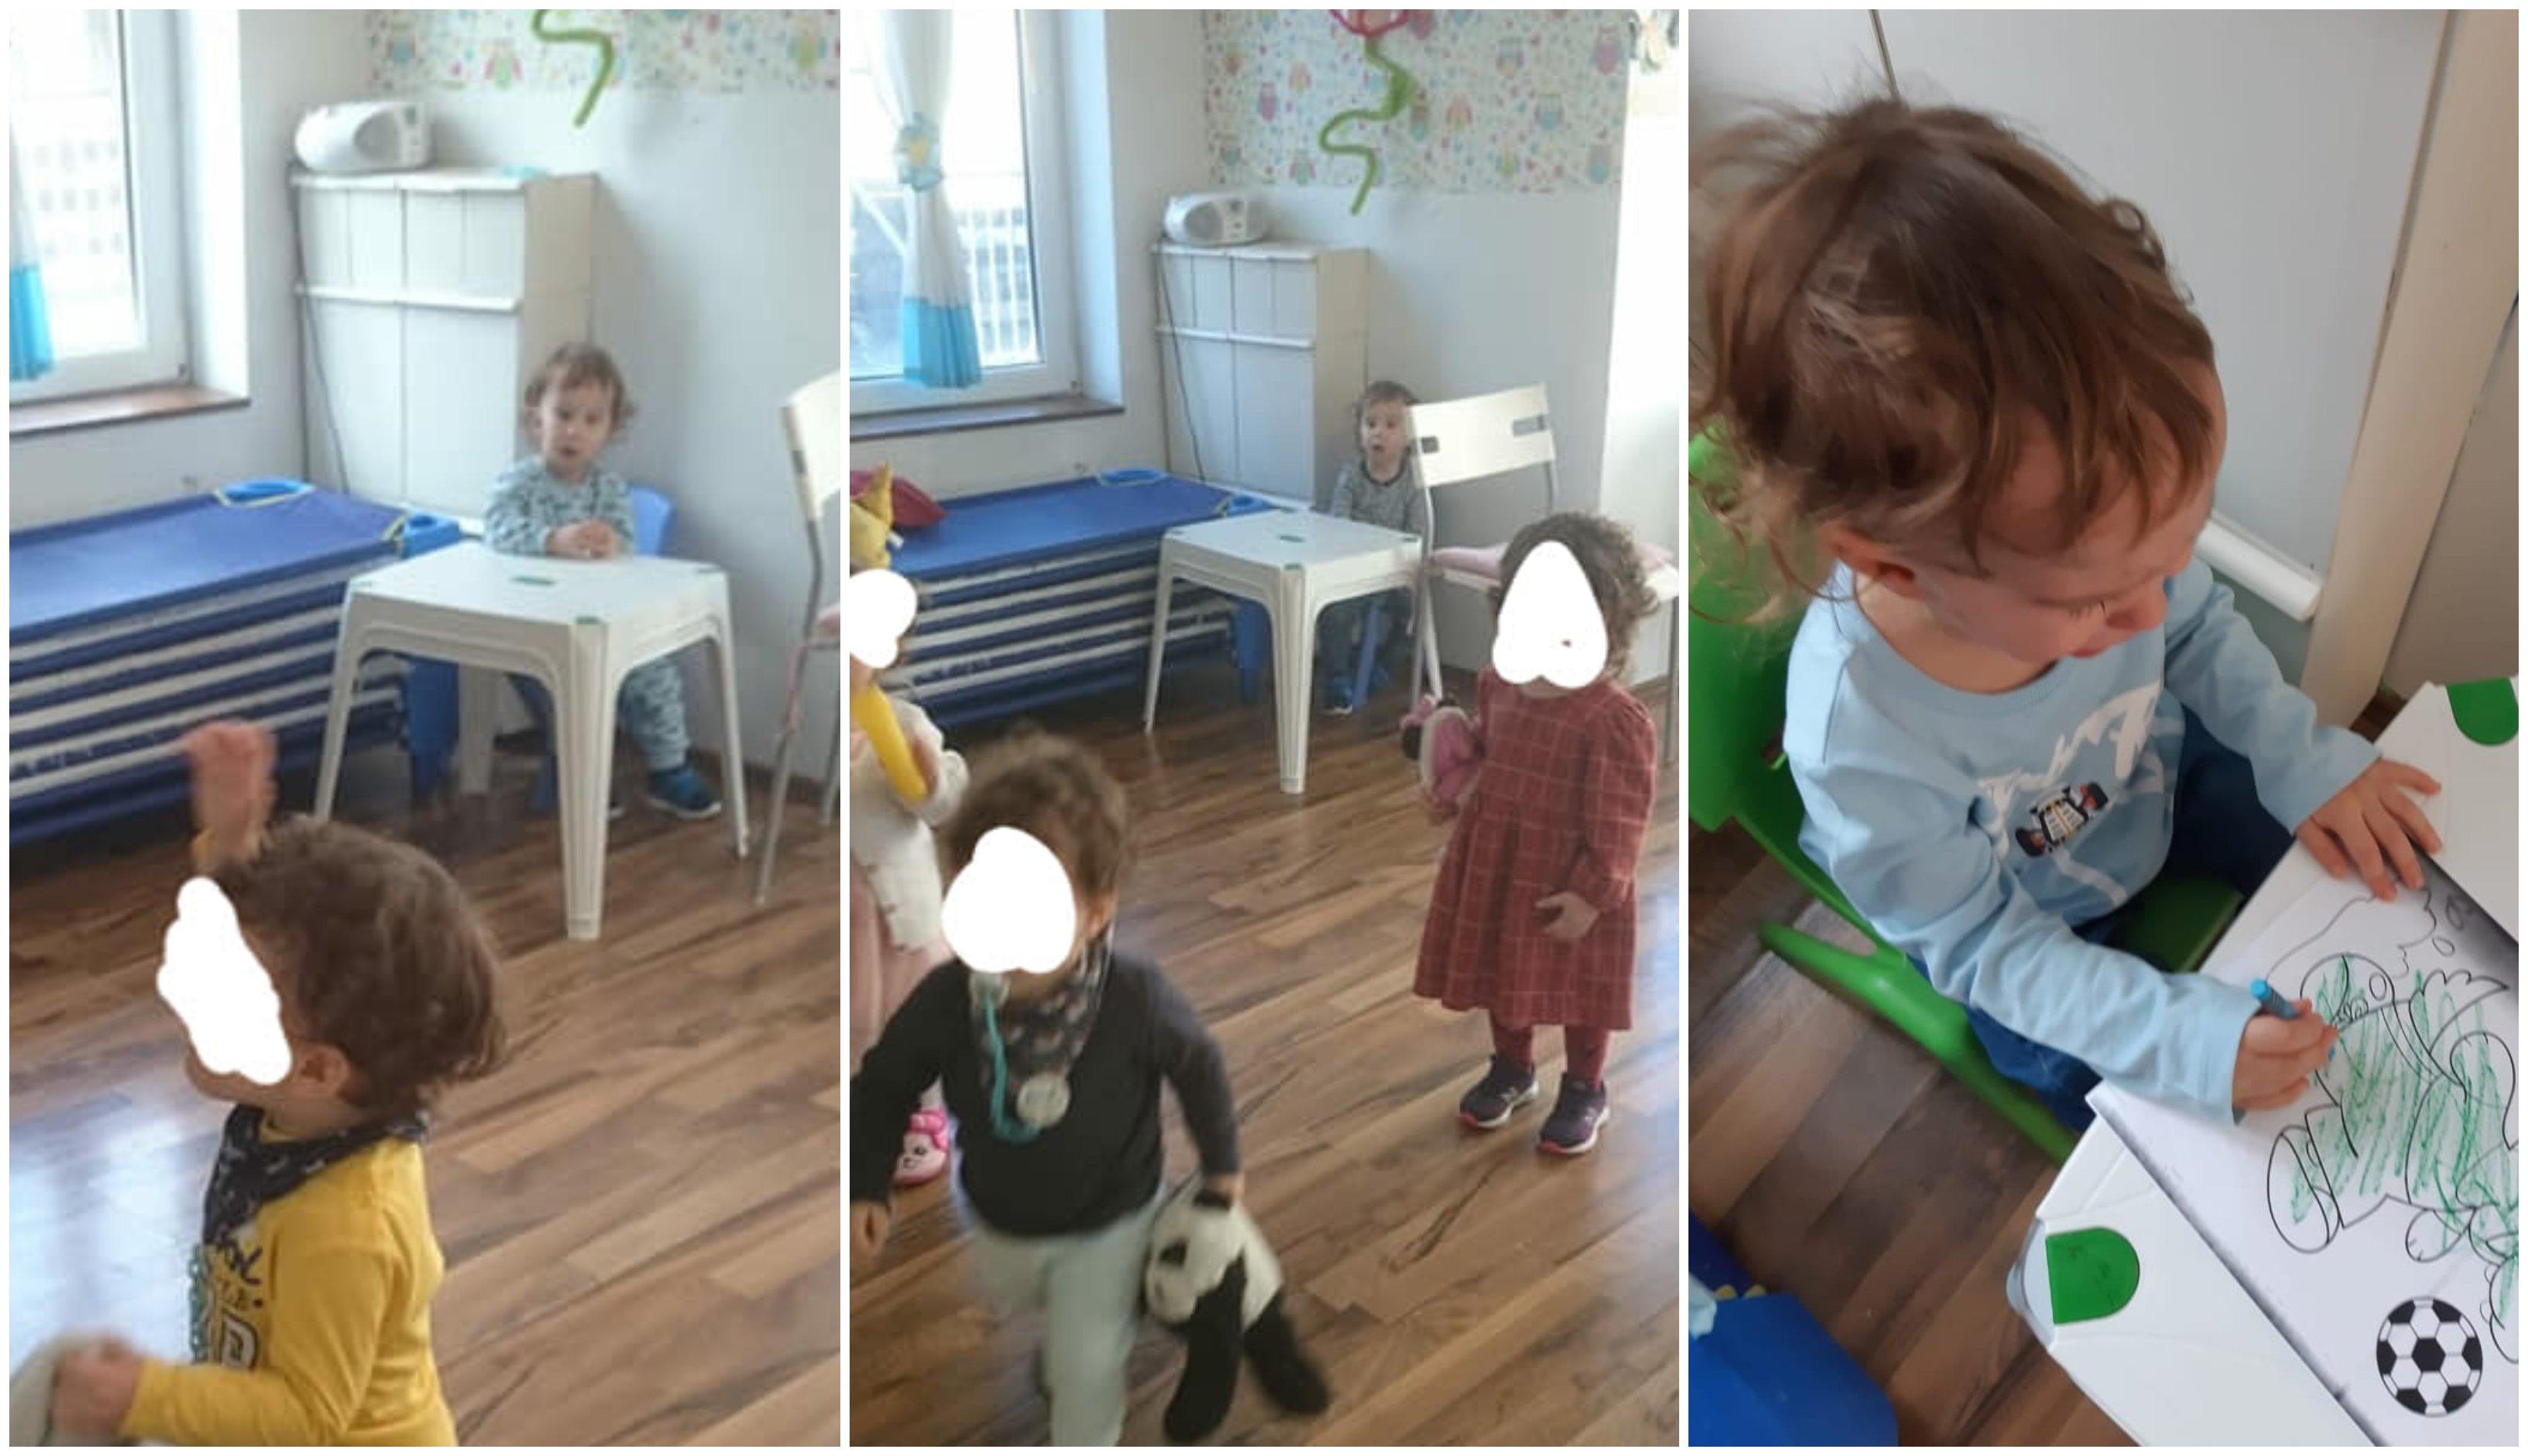 baietel de doi ani izolat si blocat la o masuta pentru ca ar fi muscat alti copii